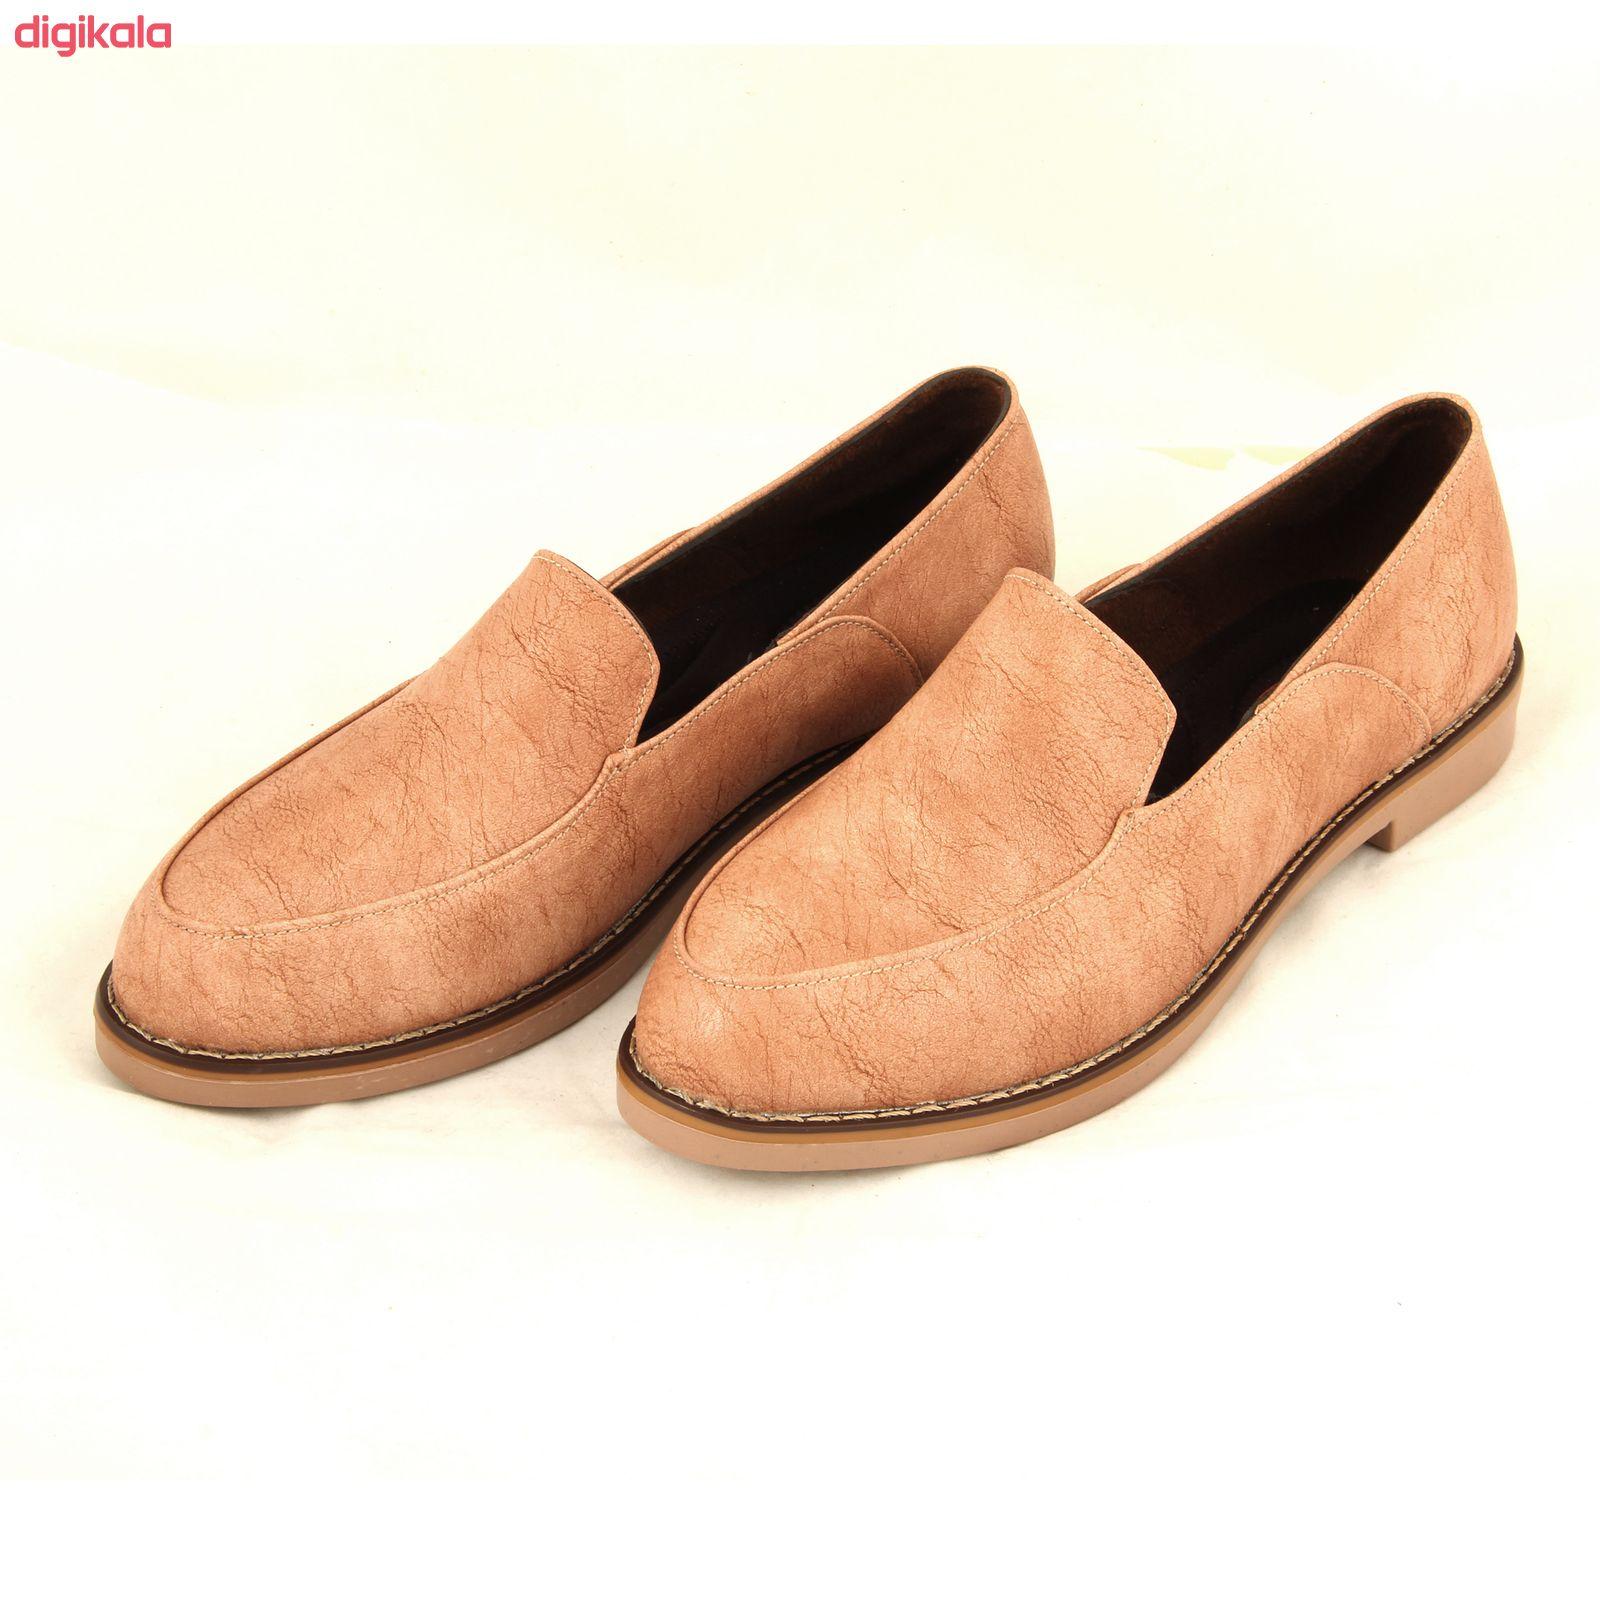 ست کیف و کفش زنانه کد 910-1 main 1 7